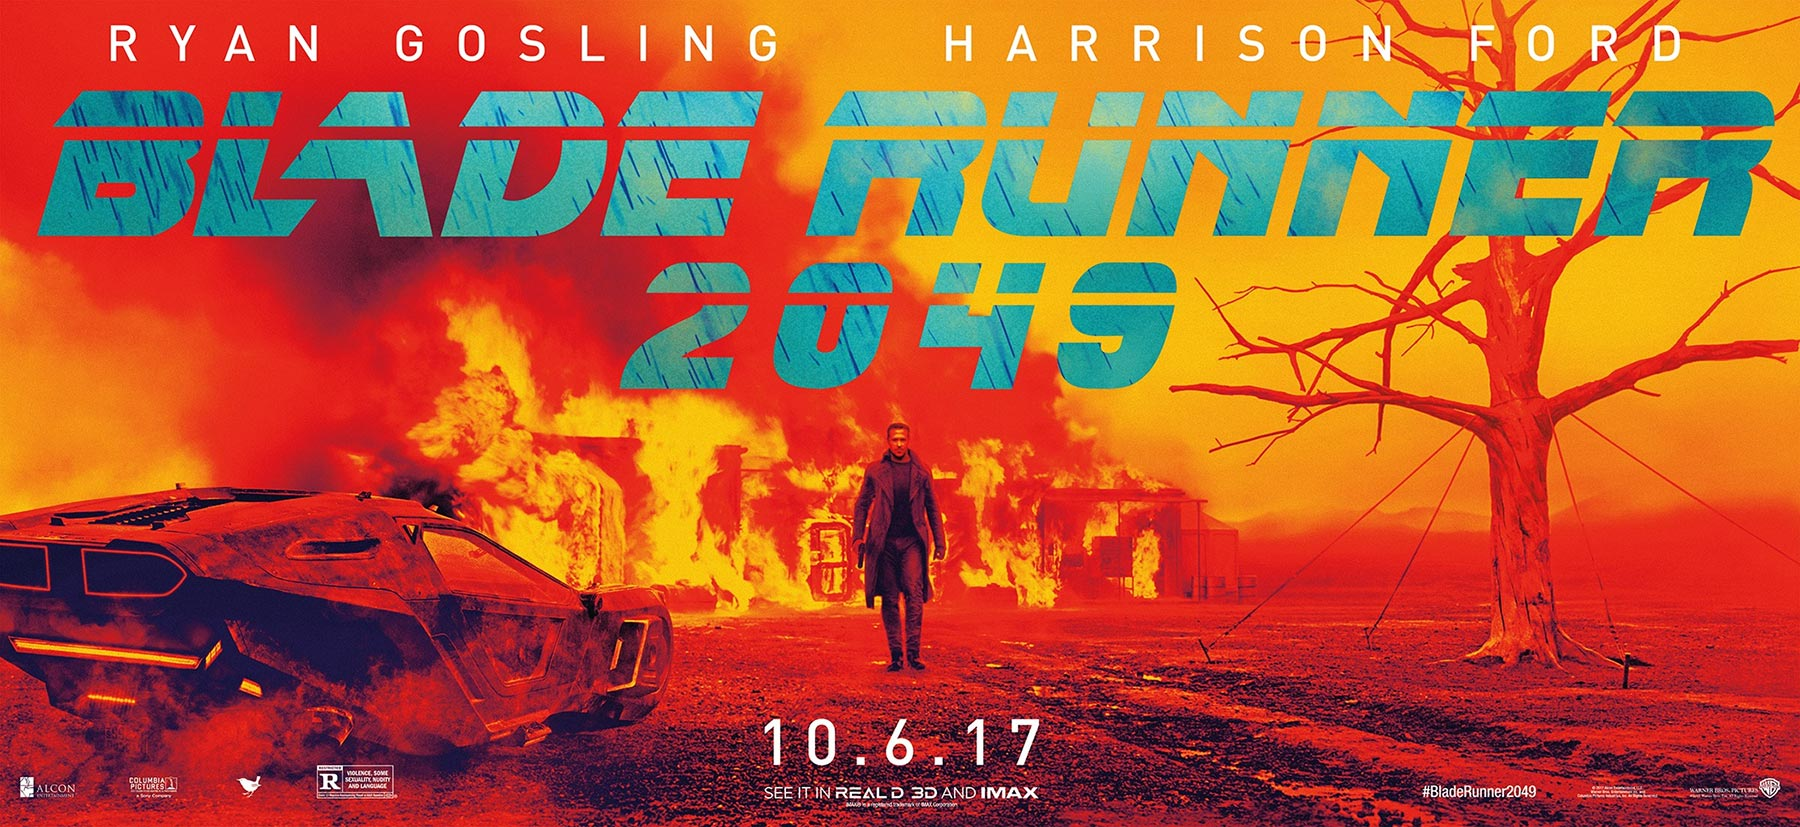 Blade Runner 2049 Poster #17